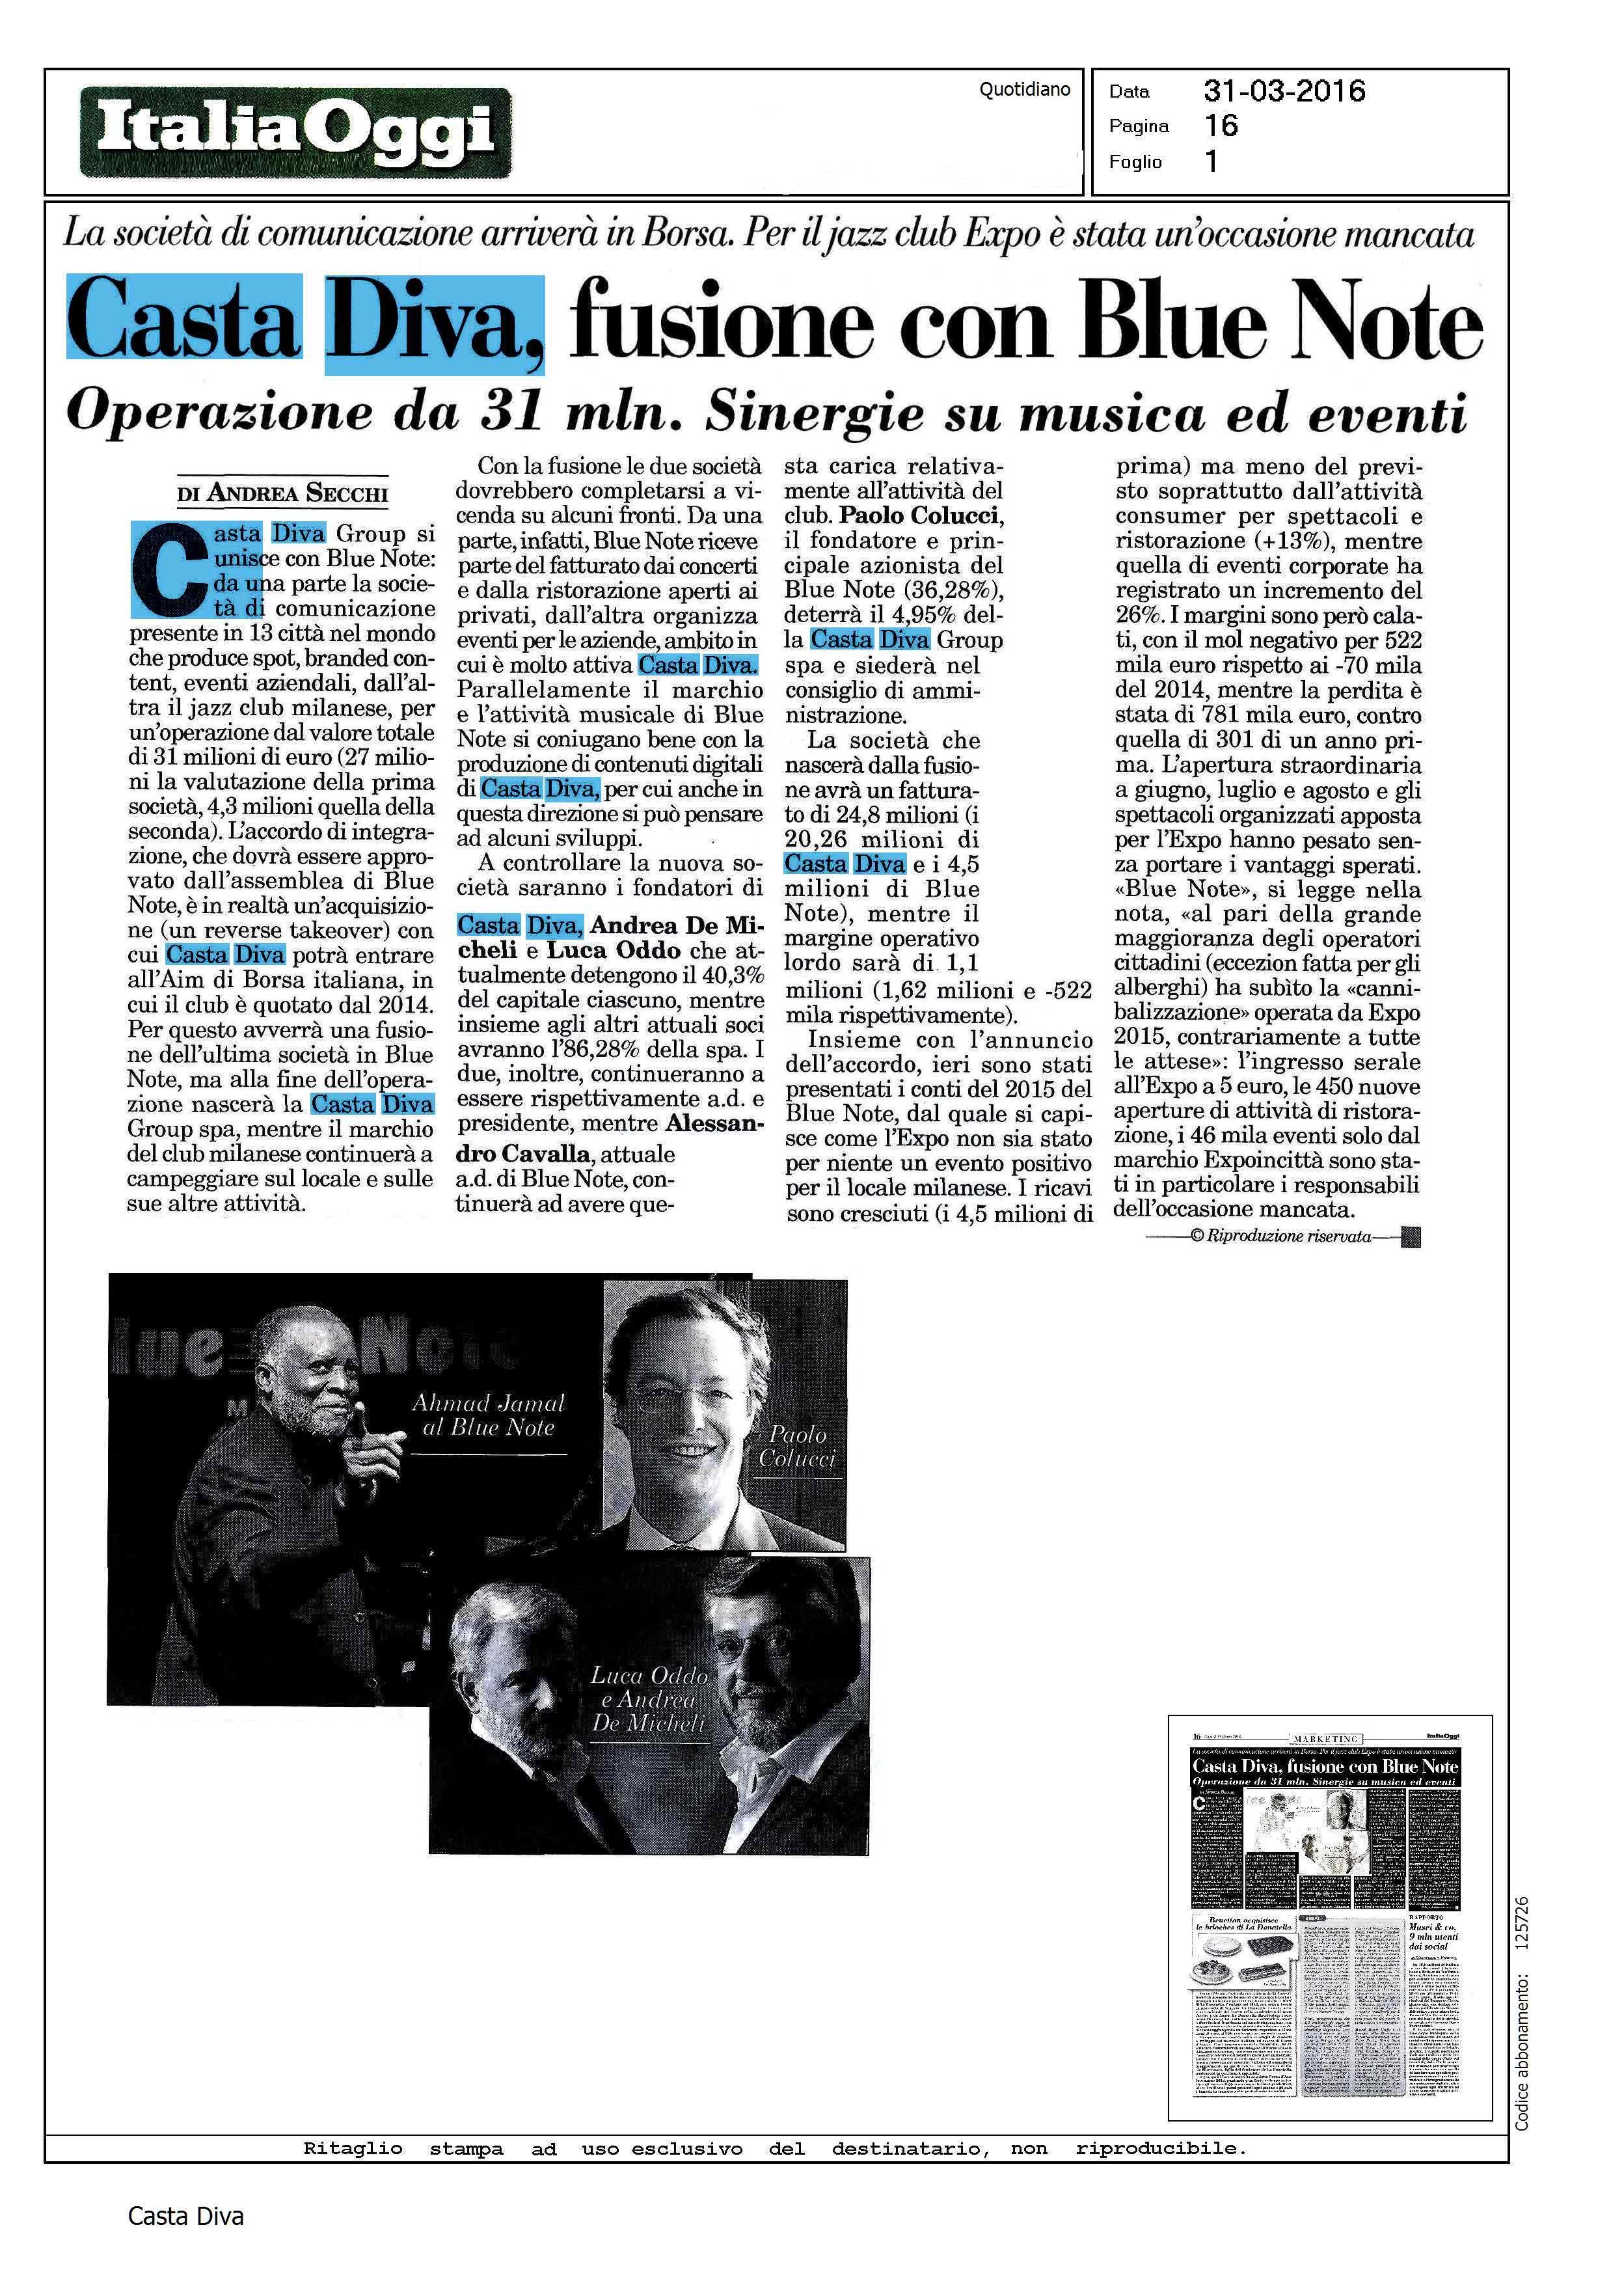 Casta diva fusione con blue note casta diva group - Casta diva group ...